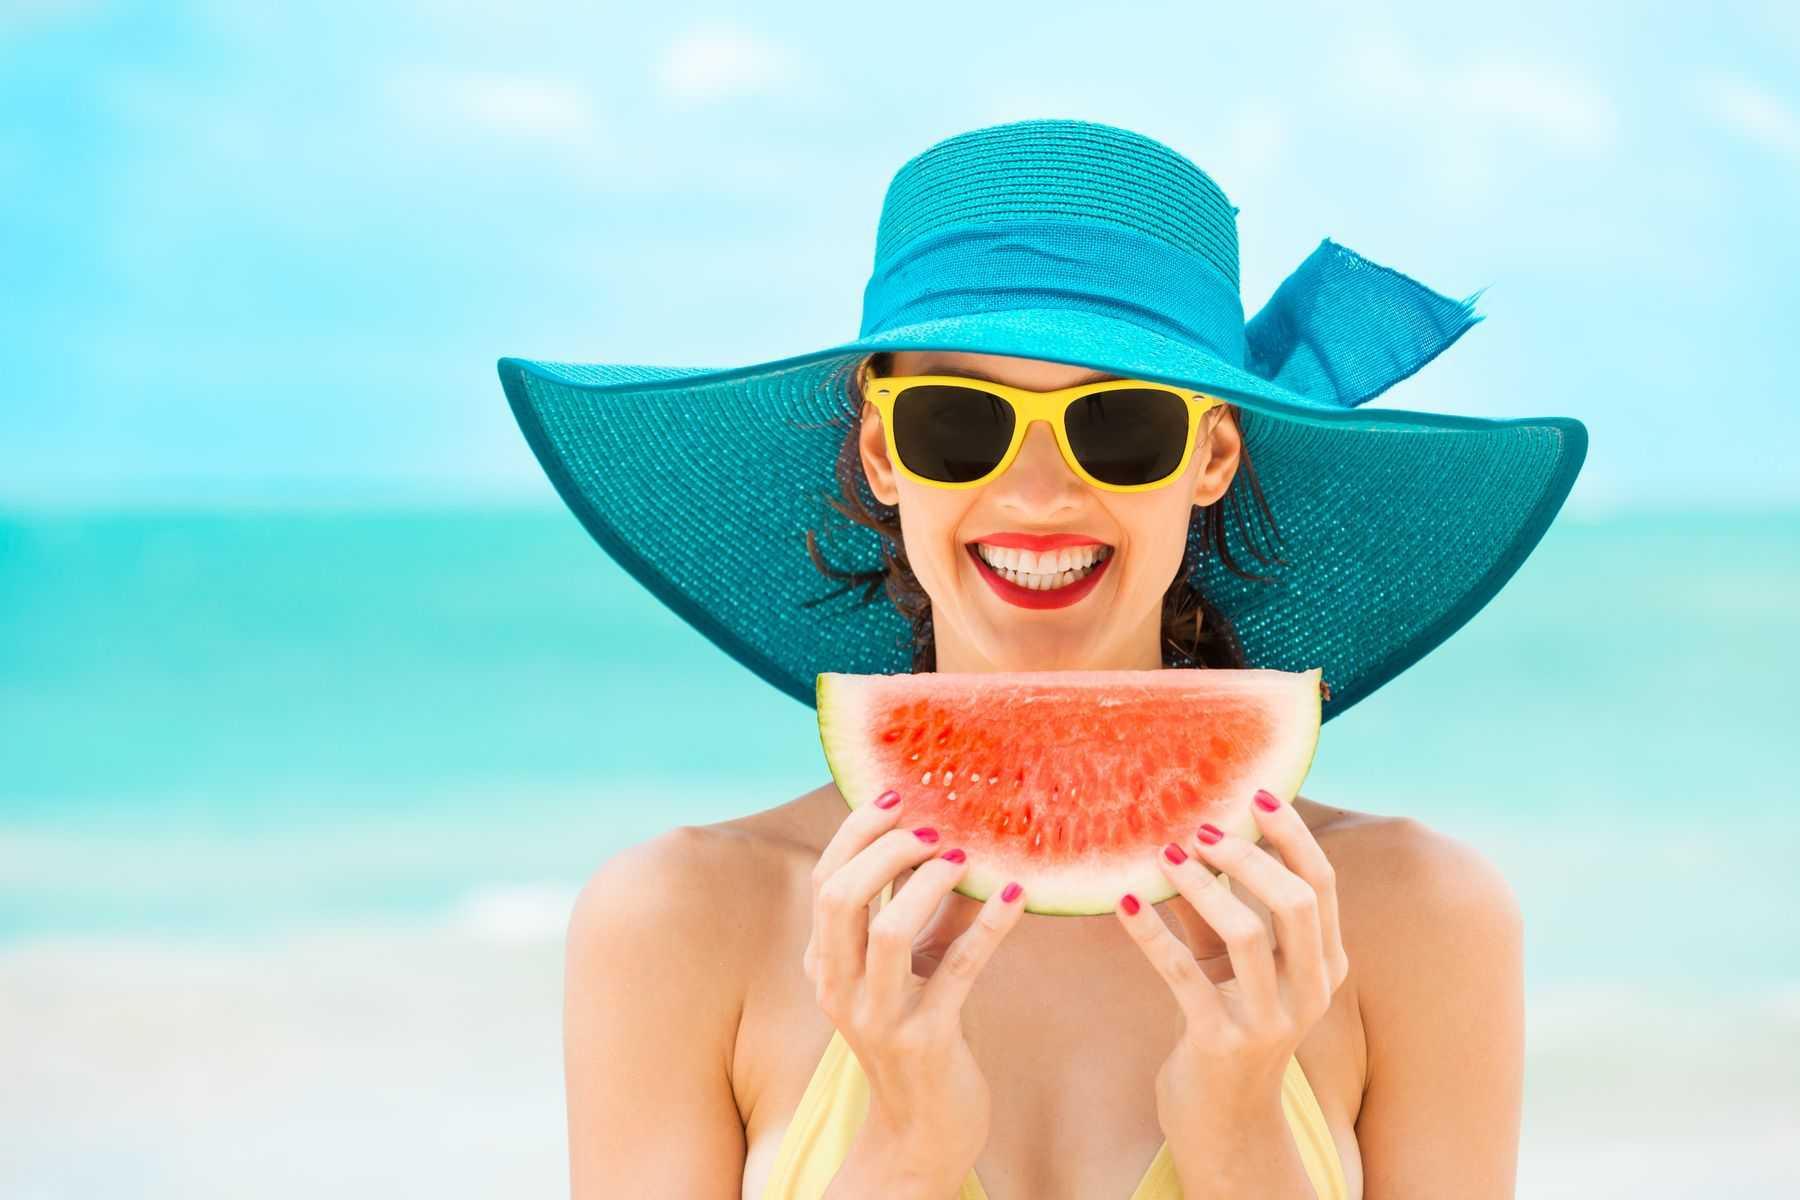 Vasarą pasitikite atostogaudami Kretoje! Skrydžiai, bagažas, pervežimai ir 7n. viešbutyje su pusryčiais jau įskaičiuoti!